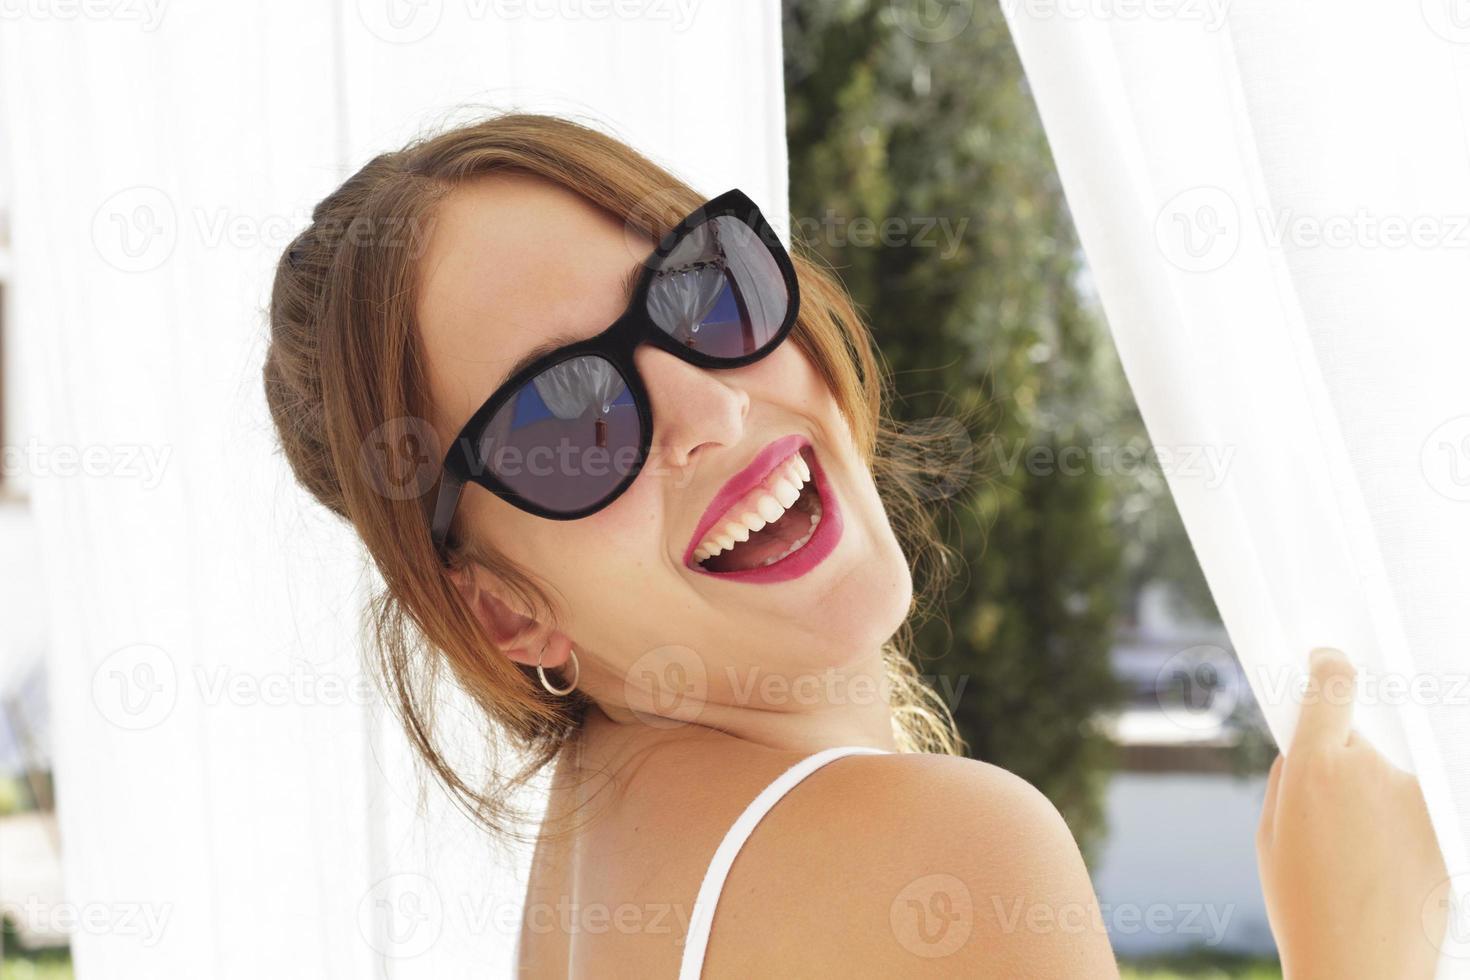 jovem mulher rindo, com óculos de sol, entre cortinas brancas foto